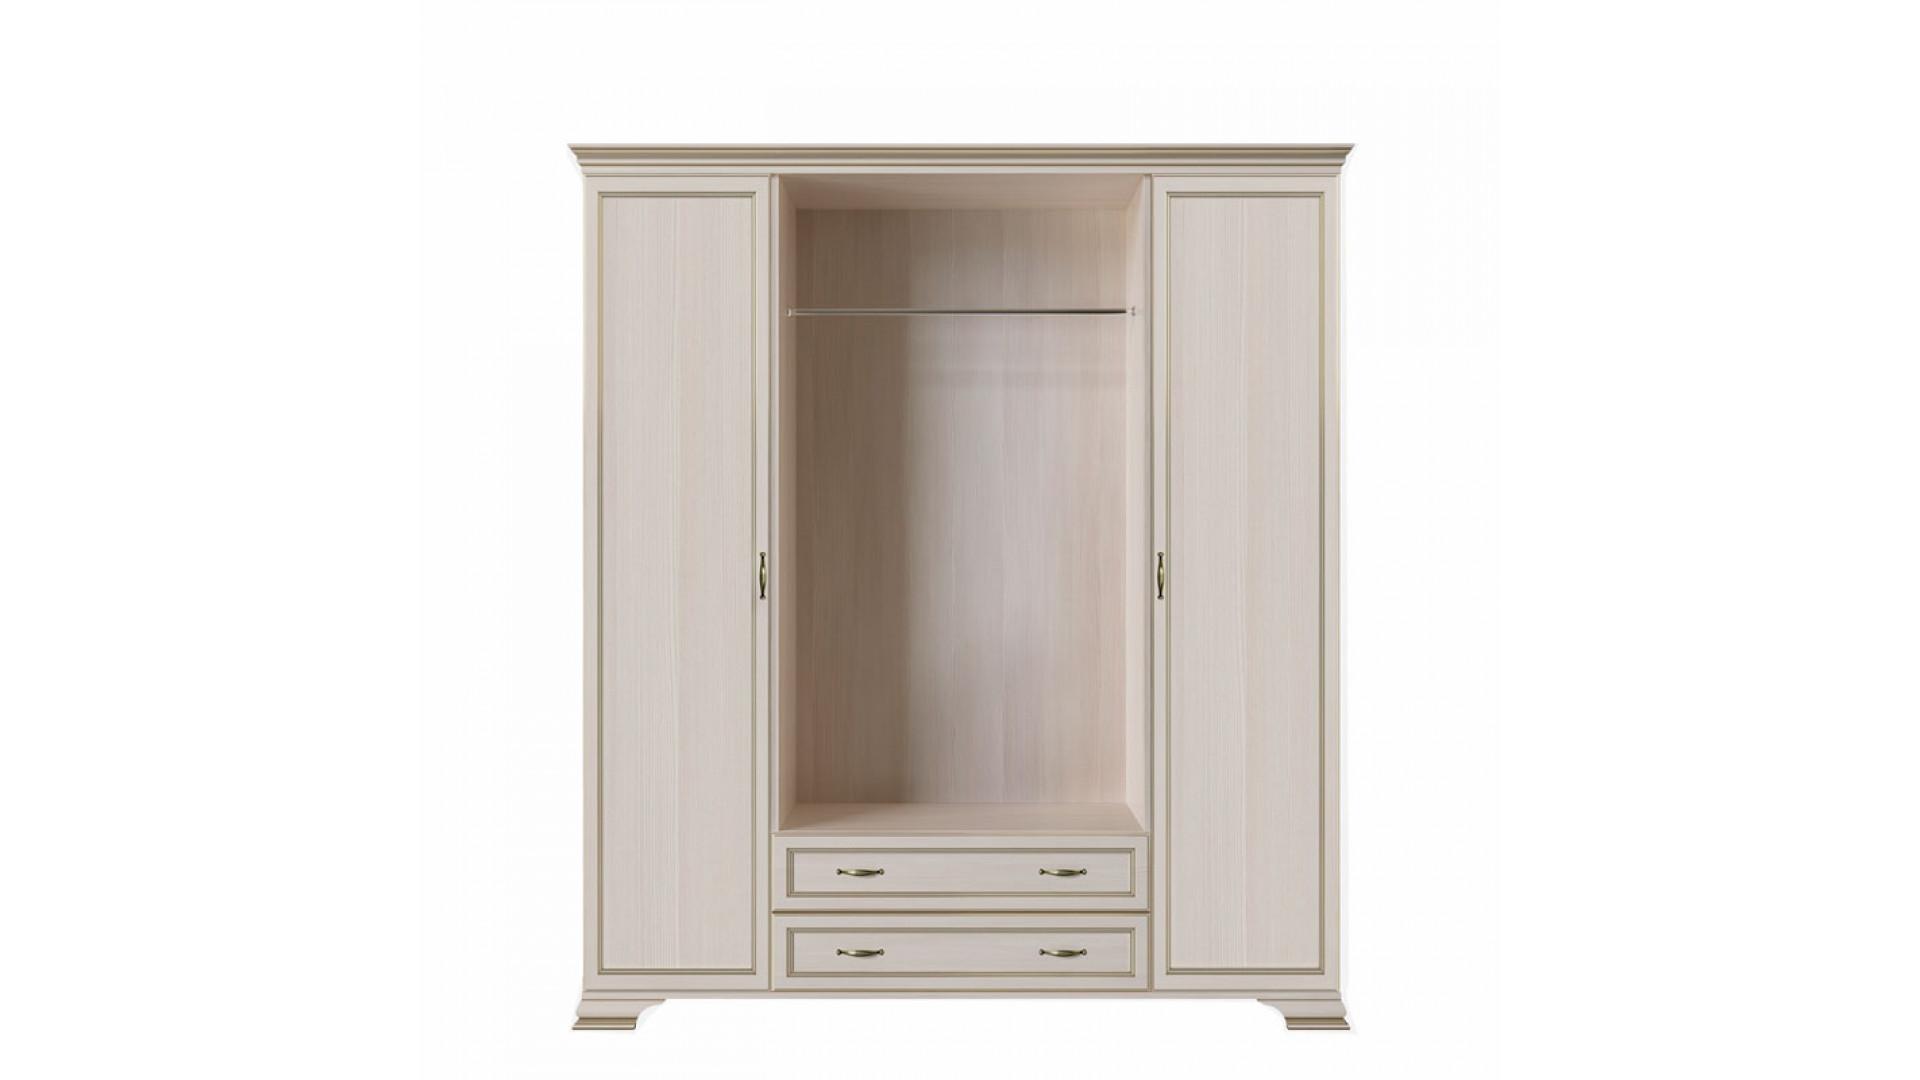 шкаф 4-х дверный (корпус, боковые двери в комплекте) Кураж Сиена